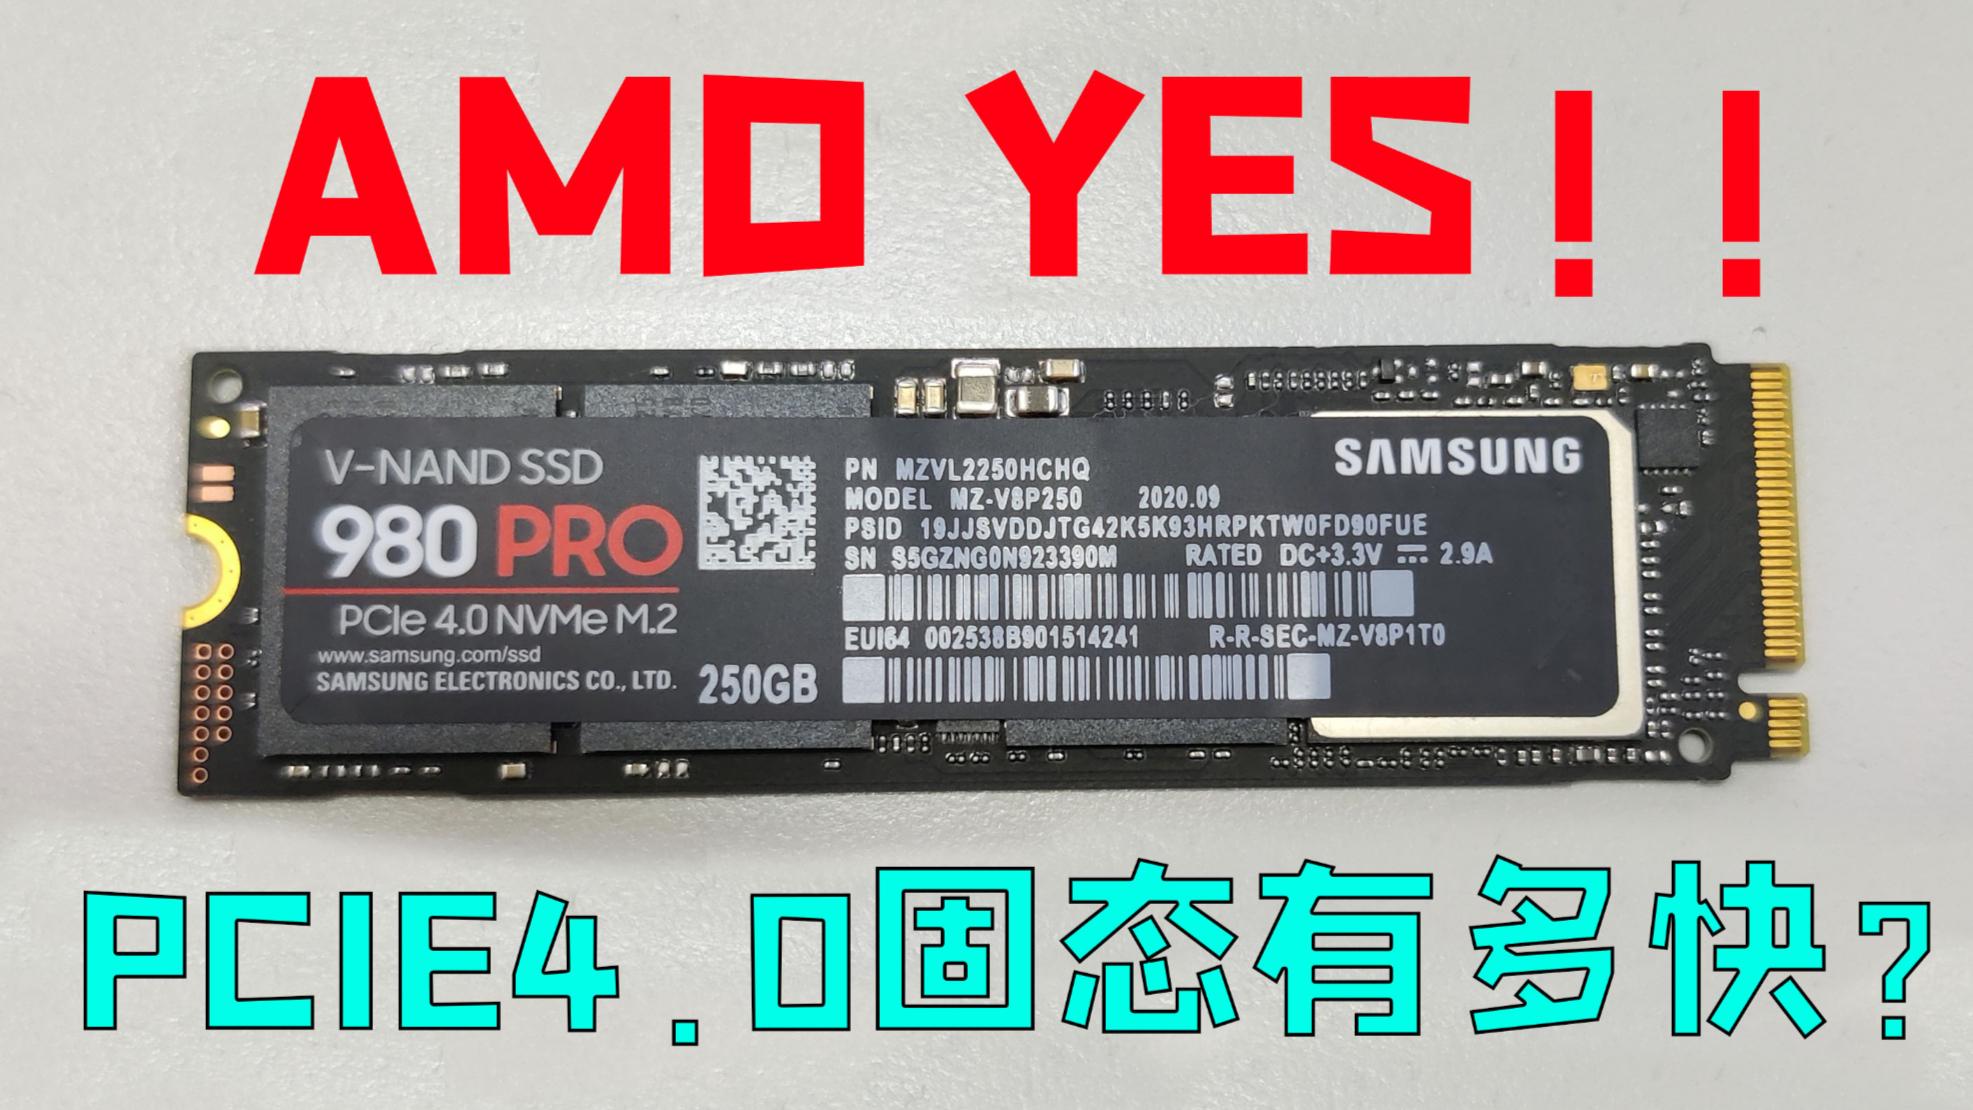 ZEN3很YES!那么目前最强的M.2 PCIE4.0固态怎么样呢?